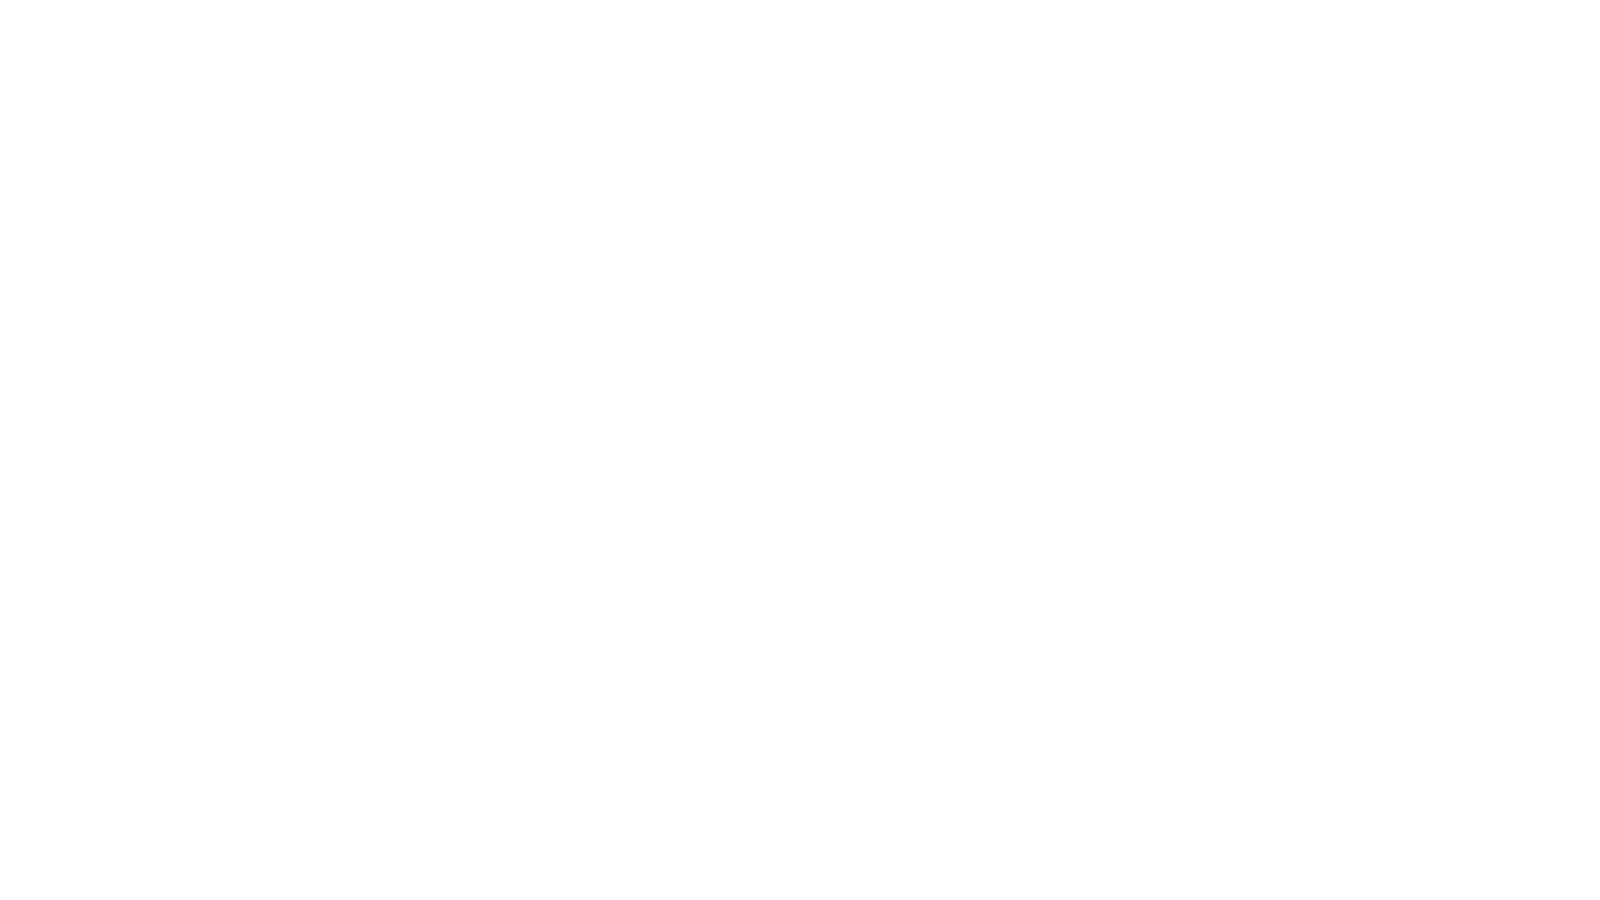 """Унікальний музей Бойової слави у Волочиську відкритий за ініціативи керівництва ПАТ «Мотор Січ» (м. Запоріжжя) 23 серпня 2012 року у парковій рекреаційній зоні, на березі міського озера, поруч із територією санаторію «Райдуга». Музей збудований на базі збереженого й відтвореного оборонного укріплення ДОТ («довготривала оборонна точка»). Споруда належала до 13-го Проскурівського укріпленого району т.зв. «лінії Сталіна» на старому радянсько-польському кордоні по річці Збруч.  ДОТ збудований радянськими військовими інженерами у 1937-1939 роках. За типом це двоярусний кулеметний  напівкапонір, у якому  реконструйовано сім казематних приміщень.  На території музею, окрім експозиції в укріпленні, розташовано  бліндаж для укриття особового складу, стрілецькі та артилерійські позиції, стилізований прикордонний стовп, карту укріпрайону.  Виставка військової техніки просто неба представляє зразки Другої світової війни та післявоєнного часу: гармати й гаубиці, міномети, вантажний автомобіль «Студебеккер», машину реактивної артилерії БМ-13 «Катюша», танки Т-34 та Т-55, крилату ракету X-55 тощо. У інформаційному павільйоні можна оглянути зразки радянської та німецької зброї, військовий одяг та амуніцію, особисті речі солдатів й офіцерів, бойові нагороди, фронтові листи, фотографії Героїв Радянського Союзу, що отримали це звання у боях за наш край. Перед входом до музею встановлена зменшена копія відомого пам'ятника «Воїн-визволитель» у берлінському Трептов-парку (скульптор – Є.Вучетіч). Нині музей Бойової слави входить до складу спортивно-оздоровчого комплексу (СОК) ВП «Волочиський машинобудівний завод» АТ """"Мотор Січ"""". За повідомленням керівництва СОК, музей уже змогли відвідати понад 40 тисяч людей.  На сьогодні в Україні подібні музеї діють лише  на базі ДОТів колишнього Київського укріпрайону. #фактиВолочиськ"""